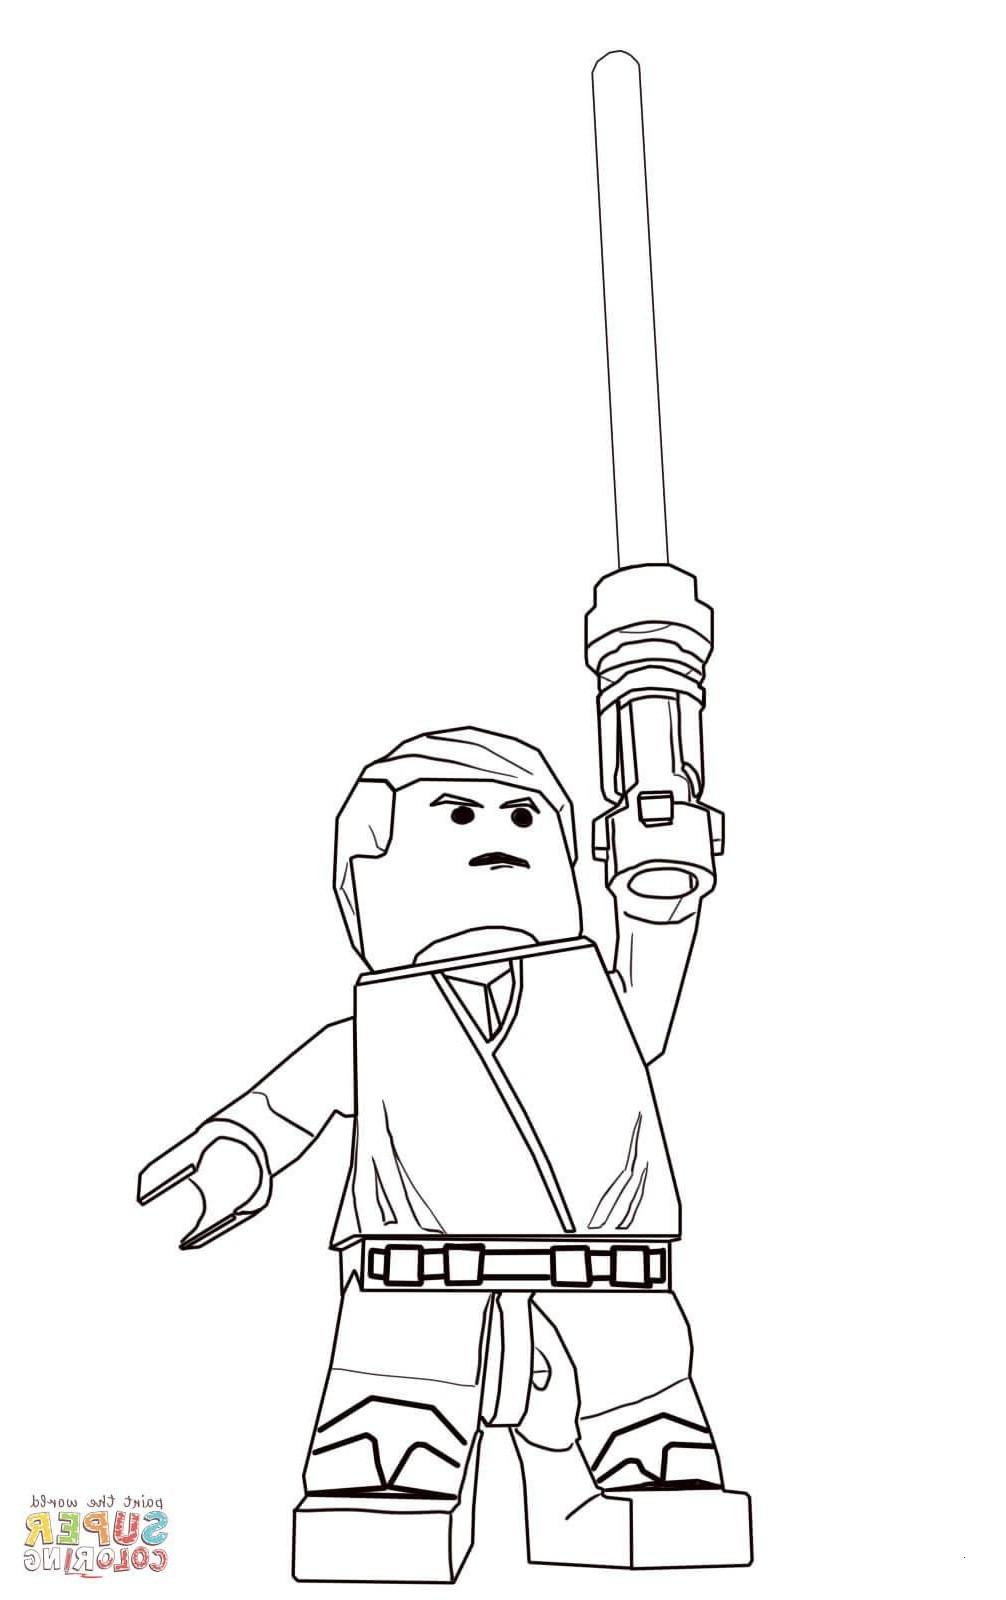 Lego Star Wars Ausmalbild Neu 30 Einzigartig Ausmalbilder Lego Star Wars – Malvorlagen Ideen Stock